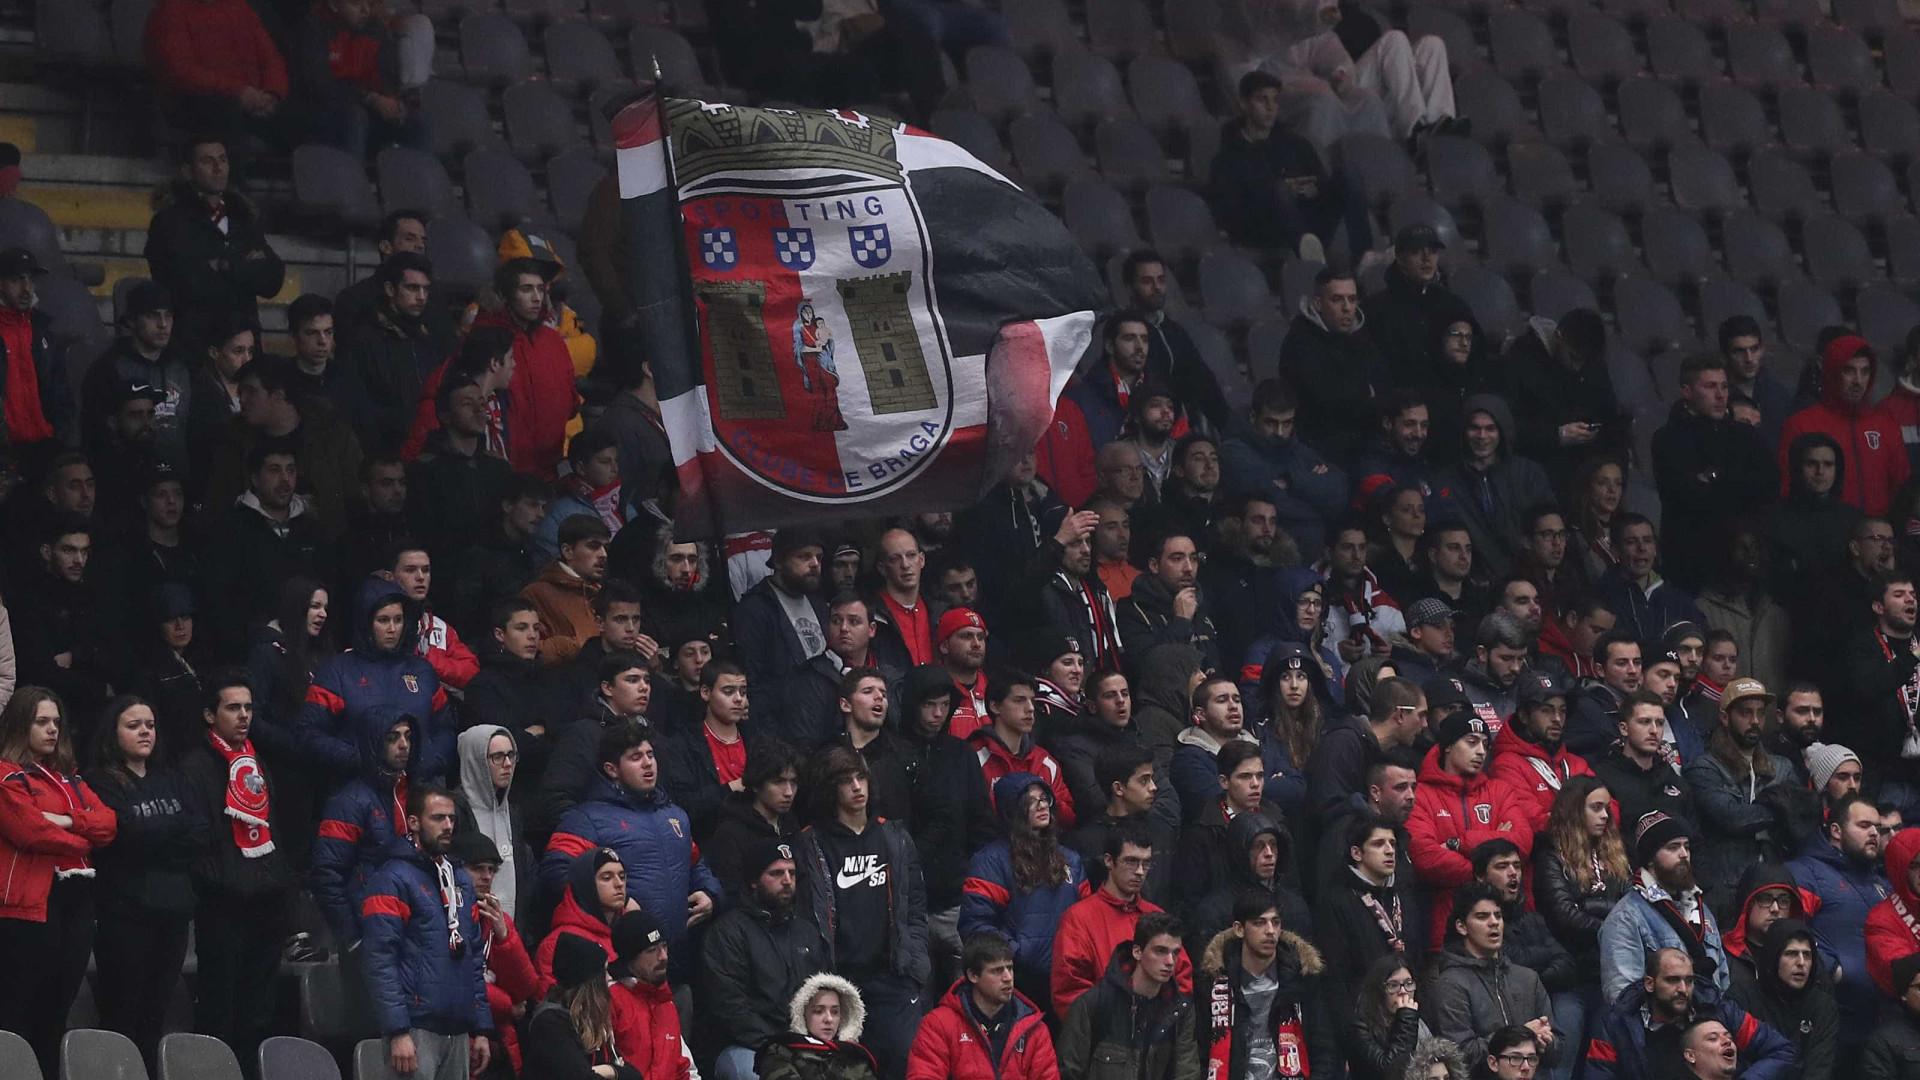 Confrontos antes do V. Guimarães-Sp. Braga resultam em alguns feridos